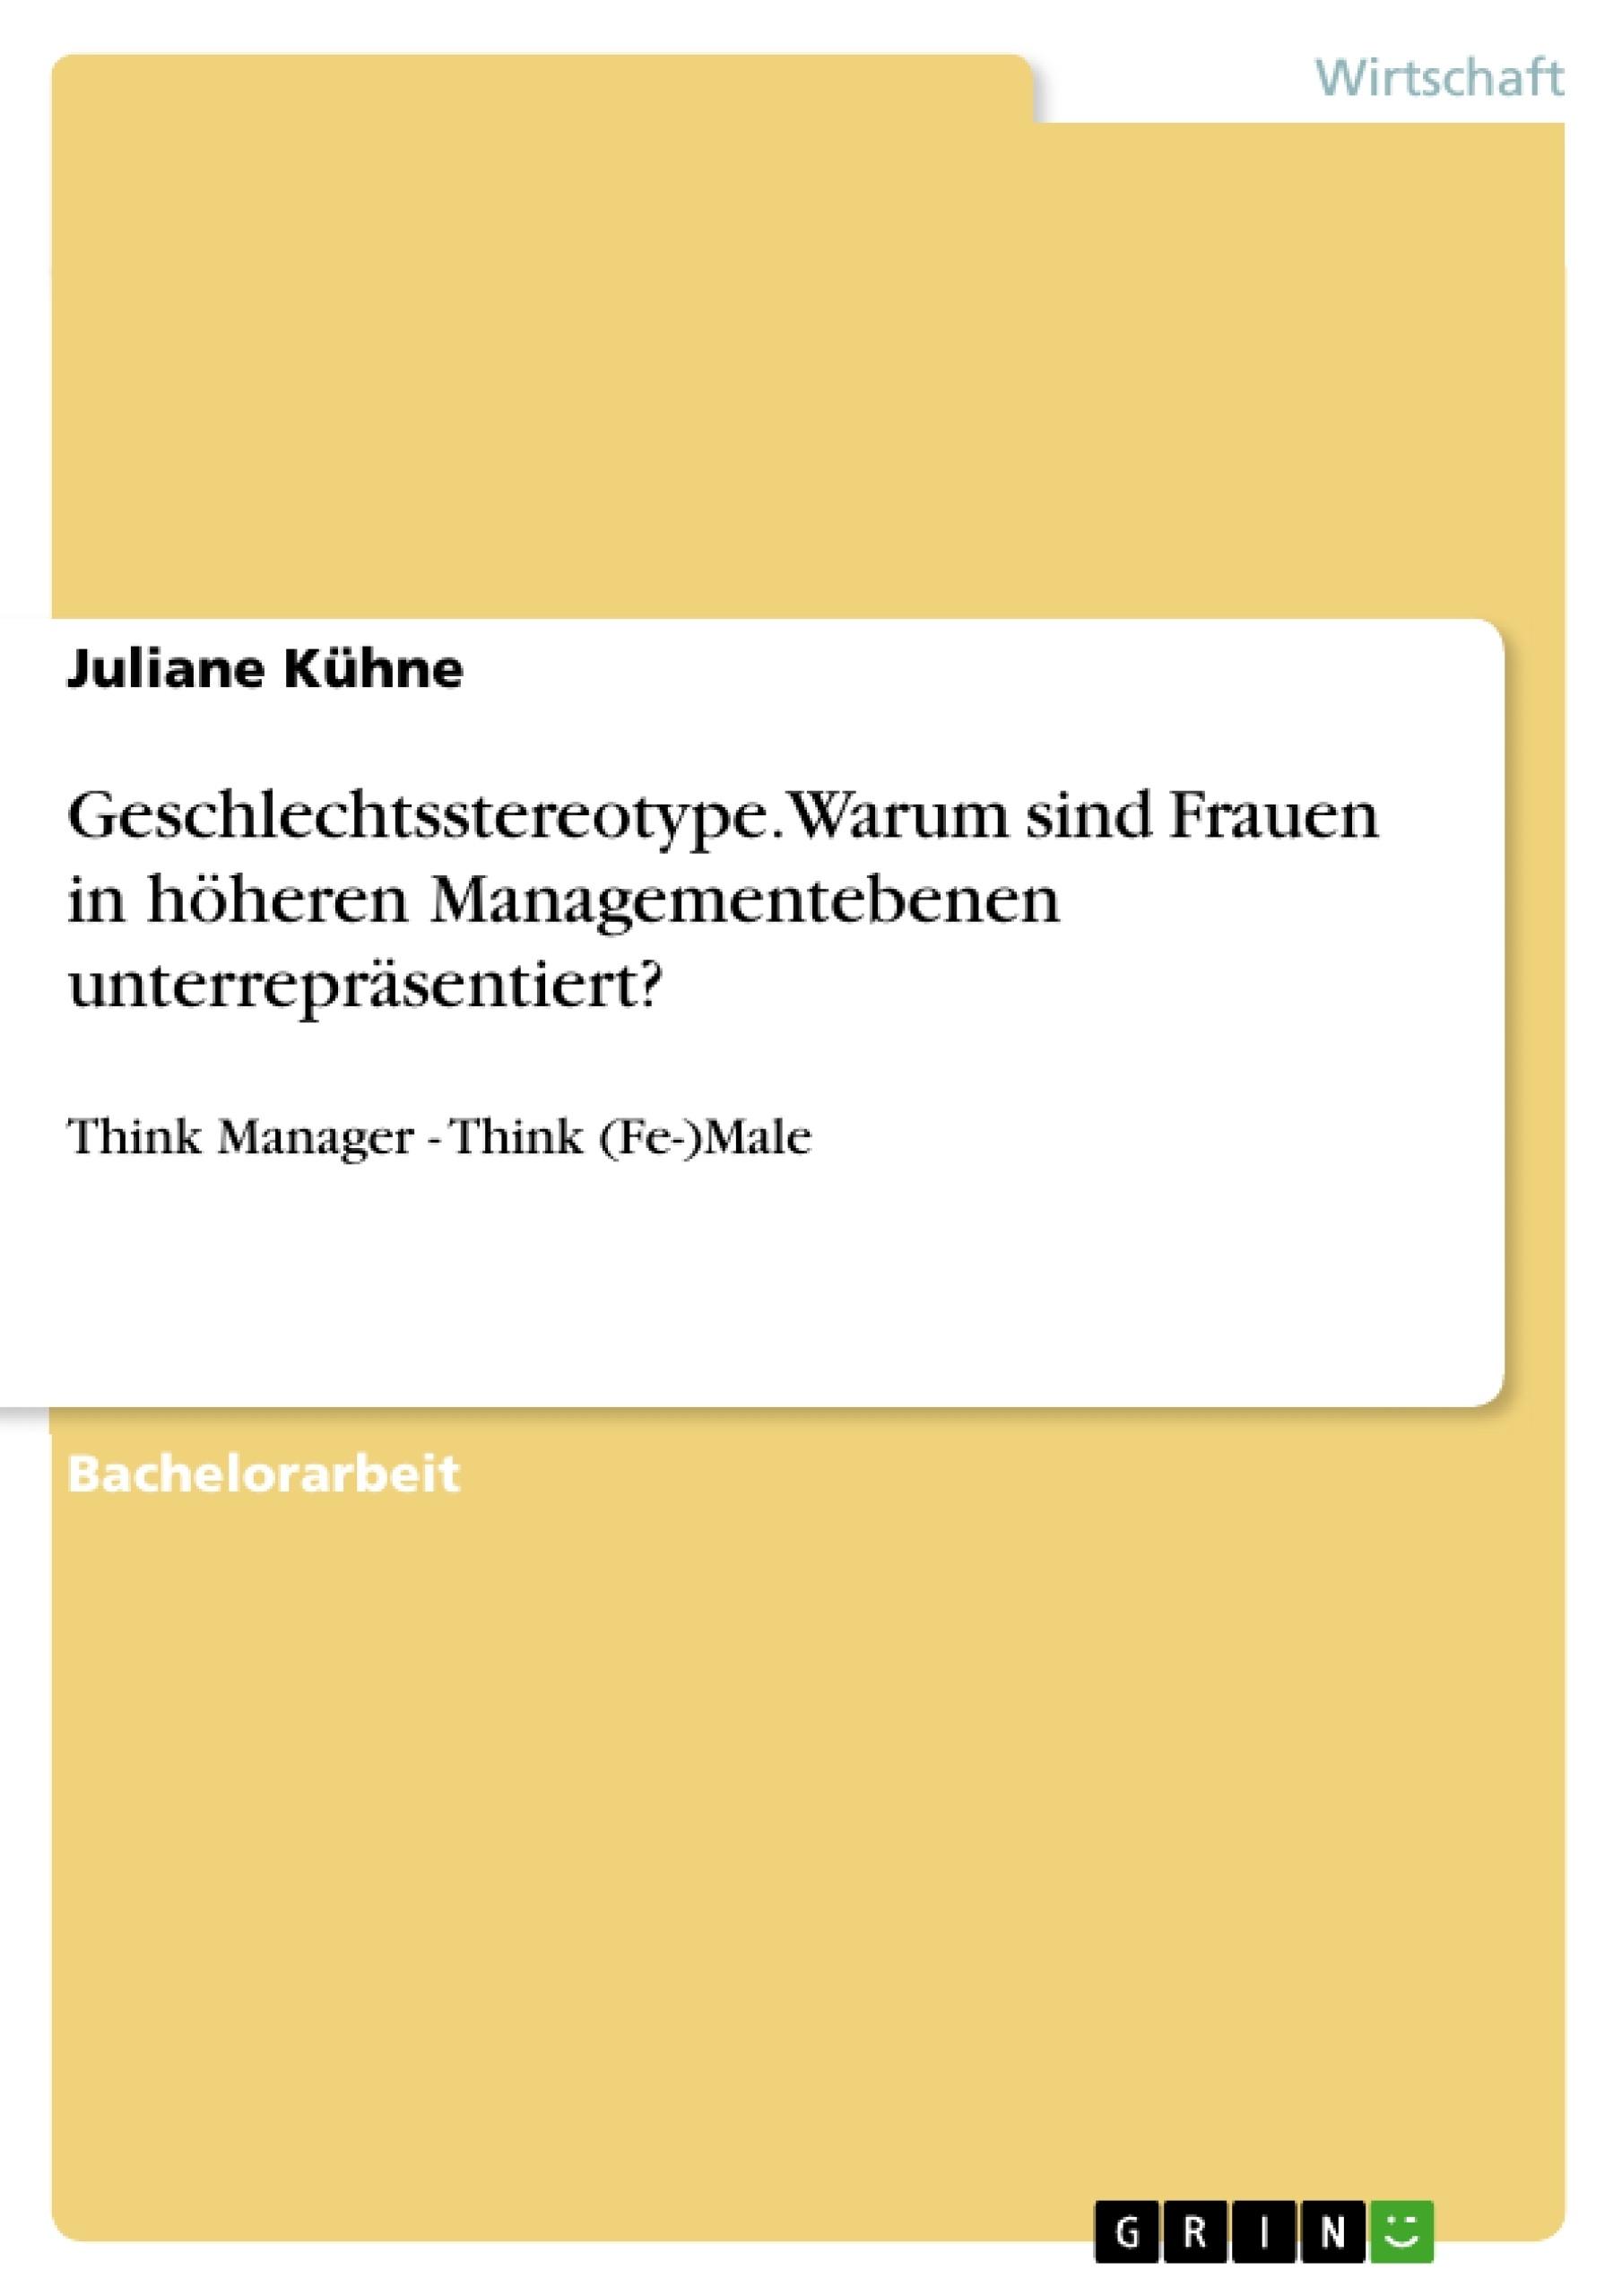 Titel: Geschlechtsstereotype. Warum sind Frauen in höheren Managementebenen unterrepräsentiert?